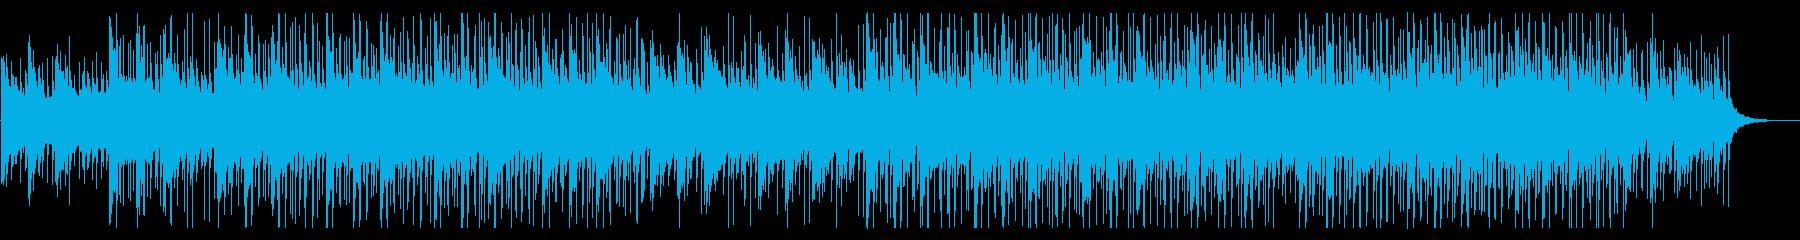 シンセとギターの落ち着いた企業向け解説の再生済みの波形